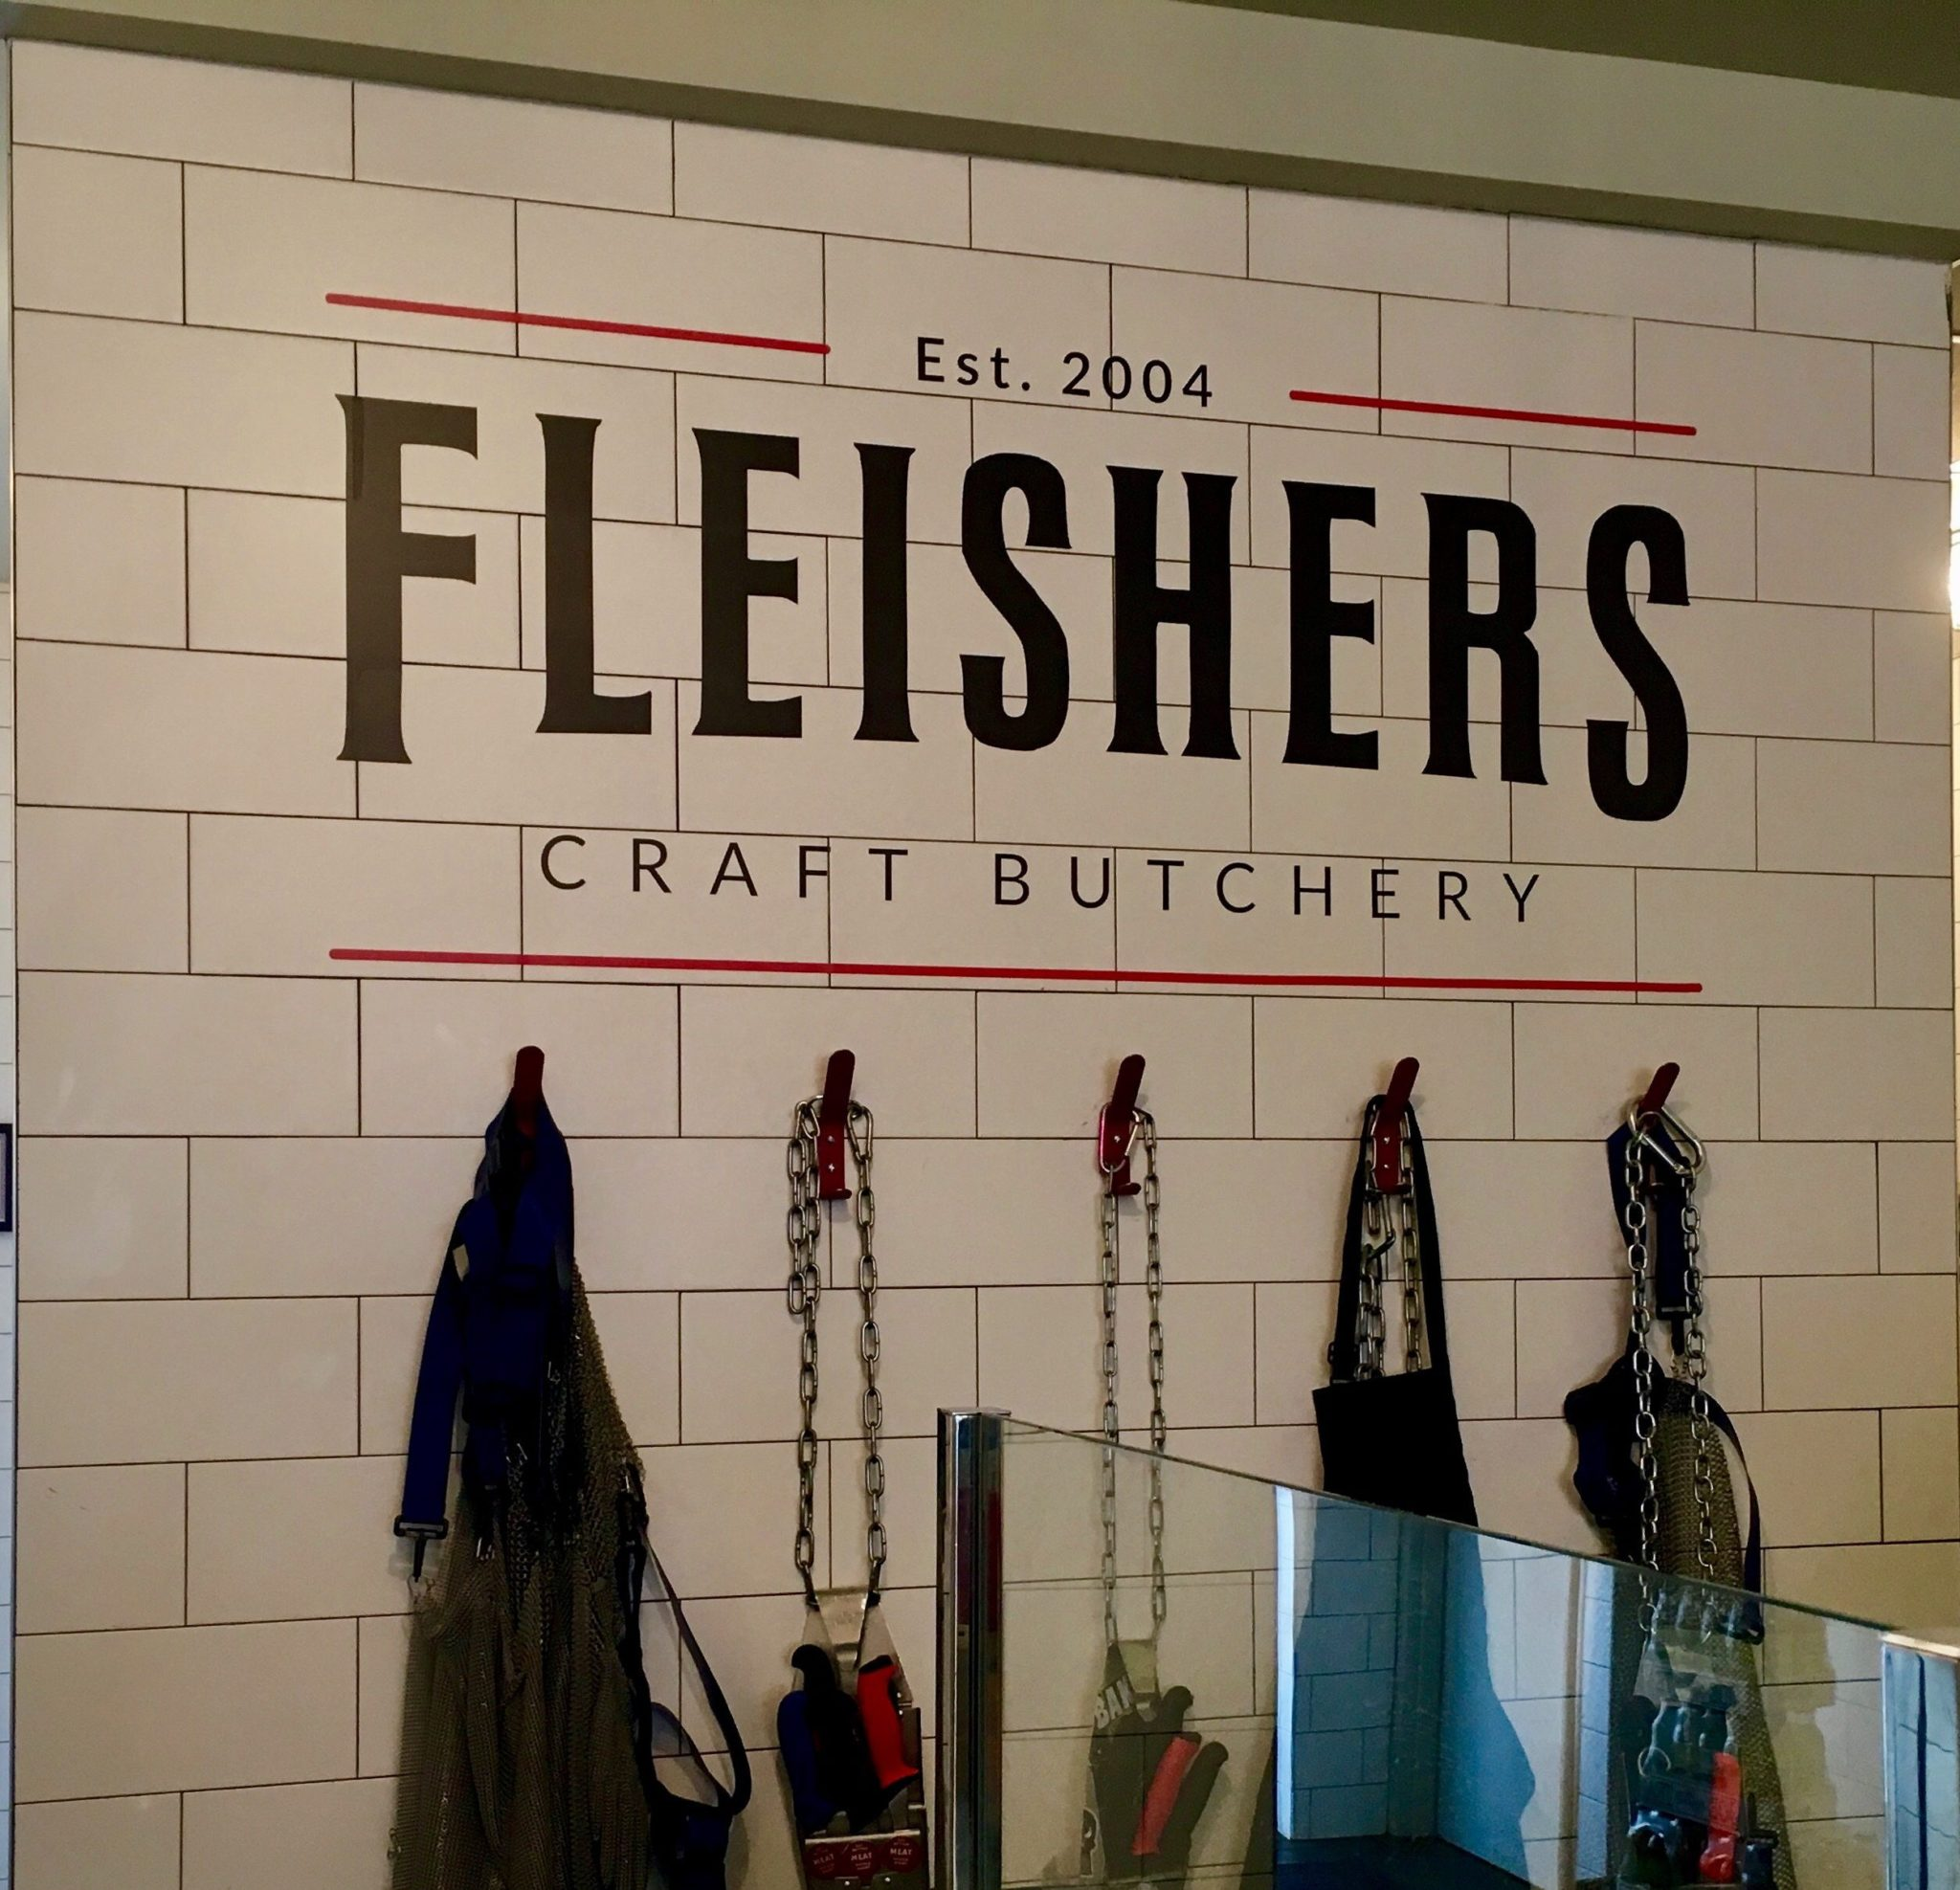 Fleichers Craft Butchery